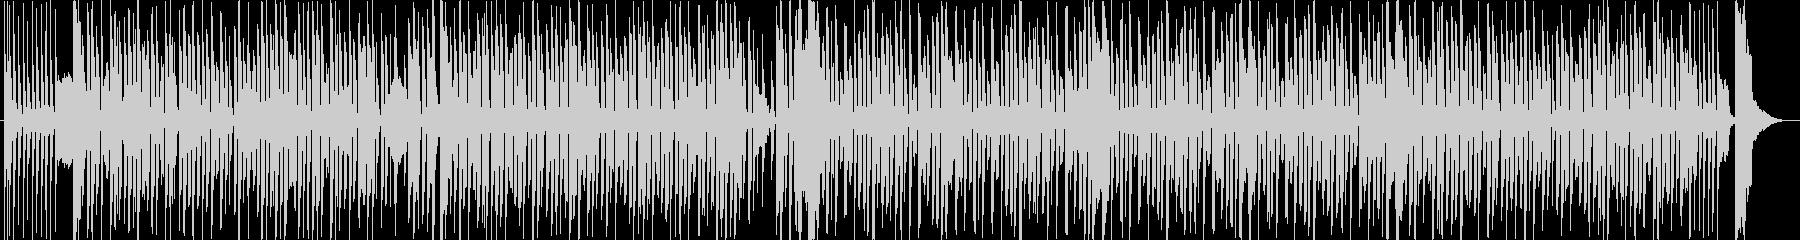 少しマヌケなコミカル曲です。の未再生の波形